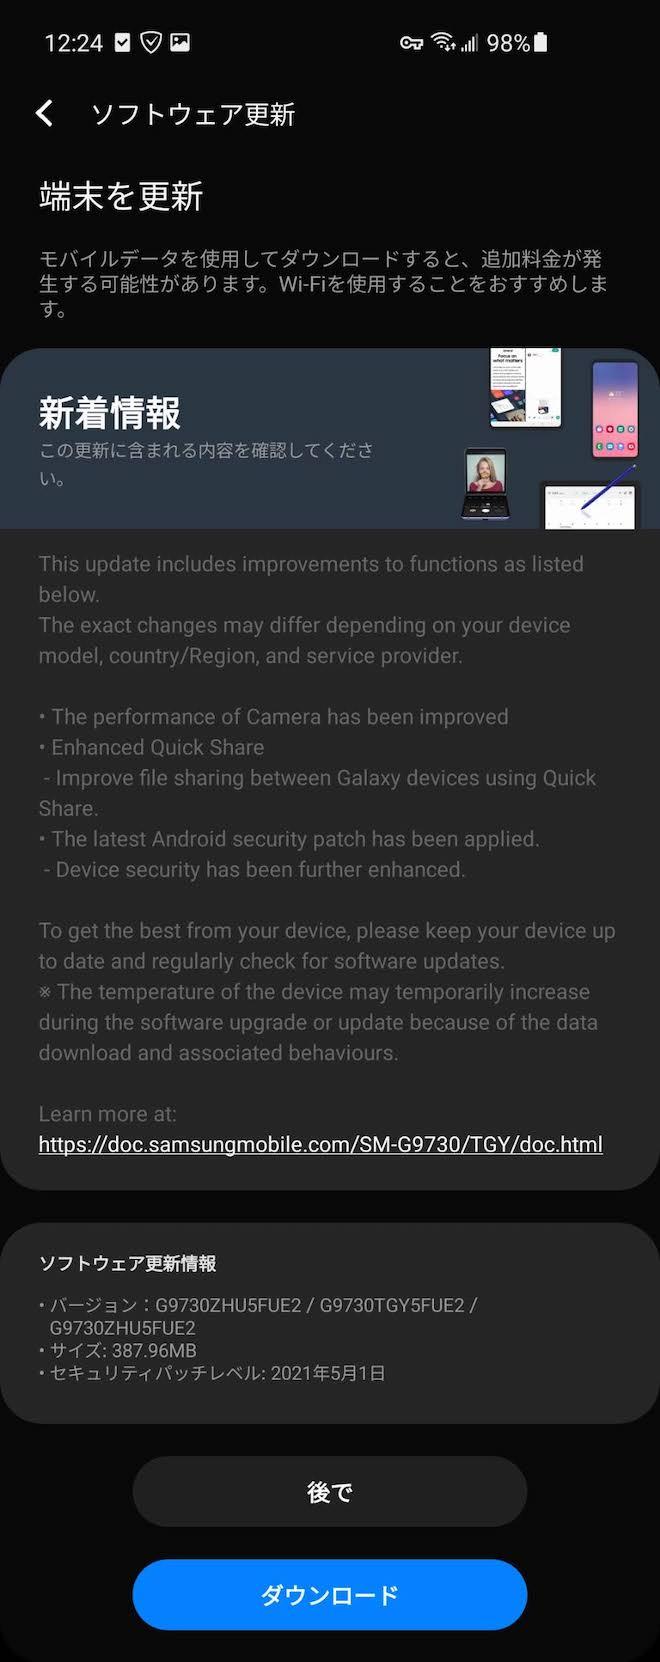 香港版Galaxy S10のアップデート通知